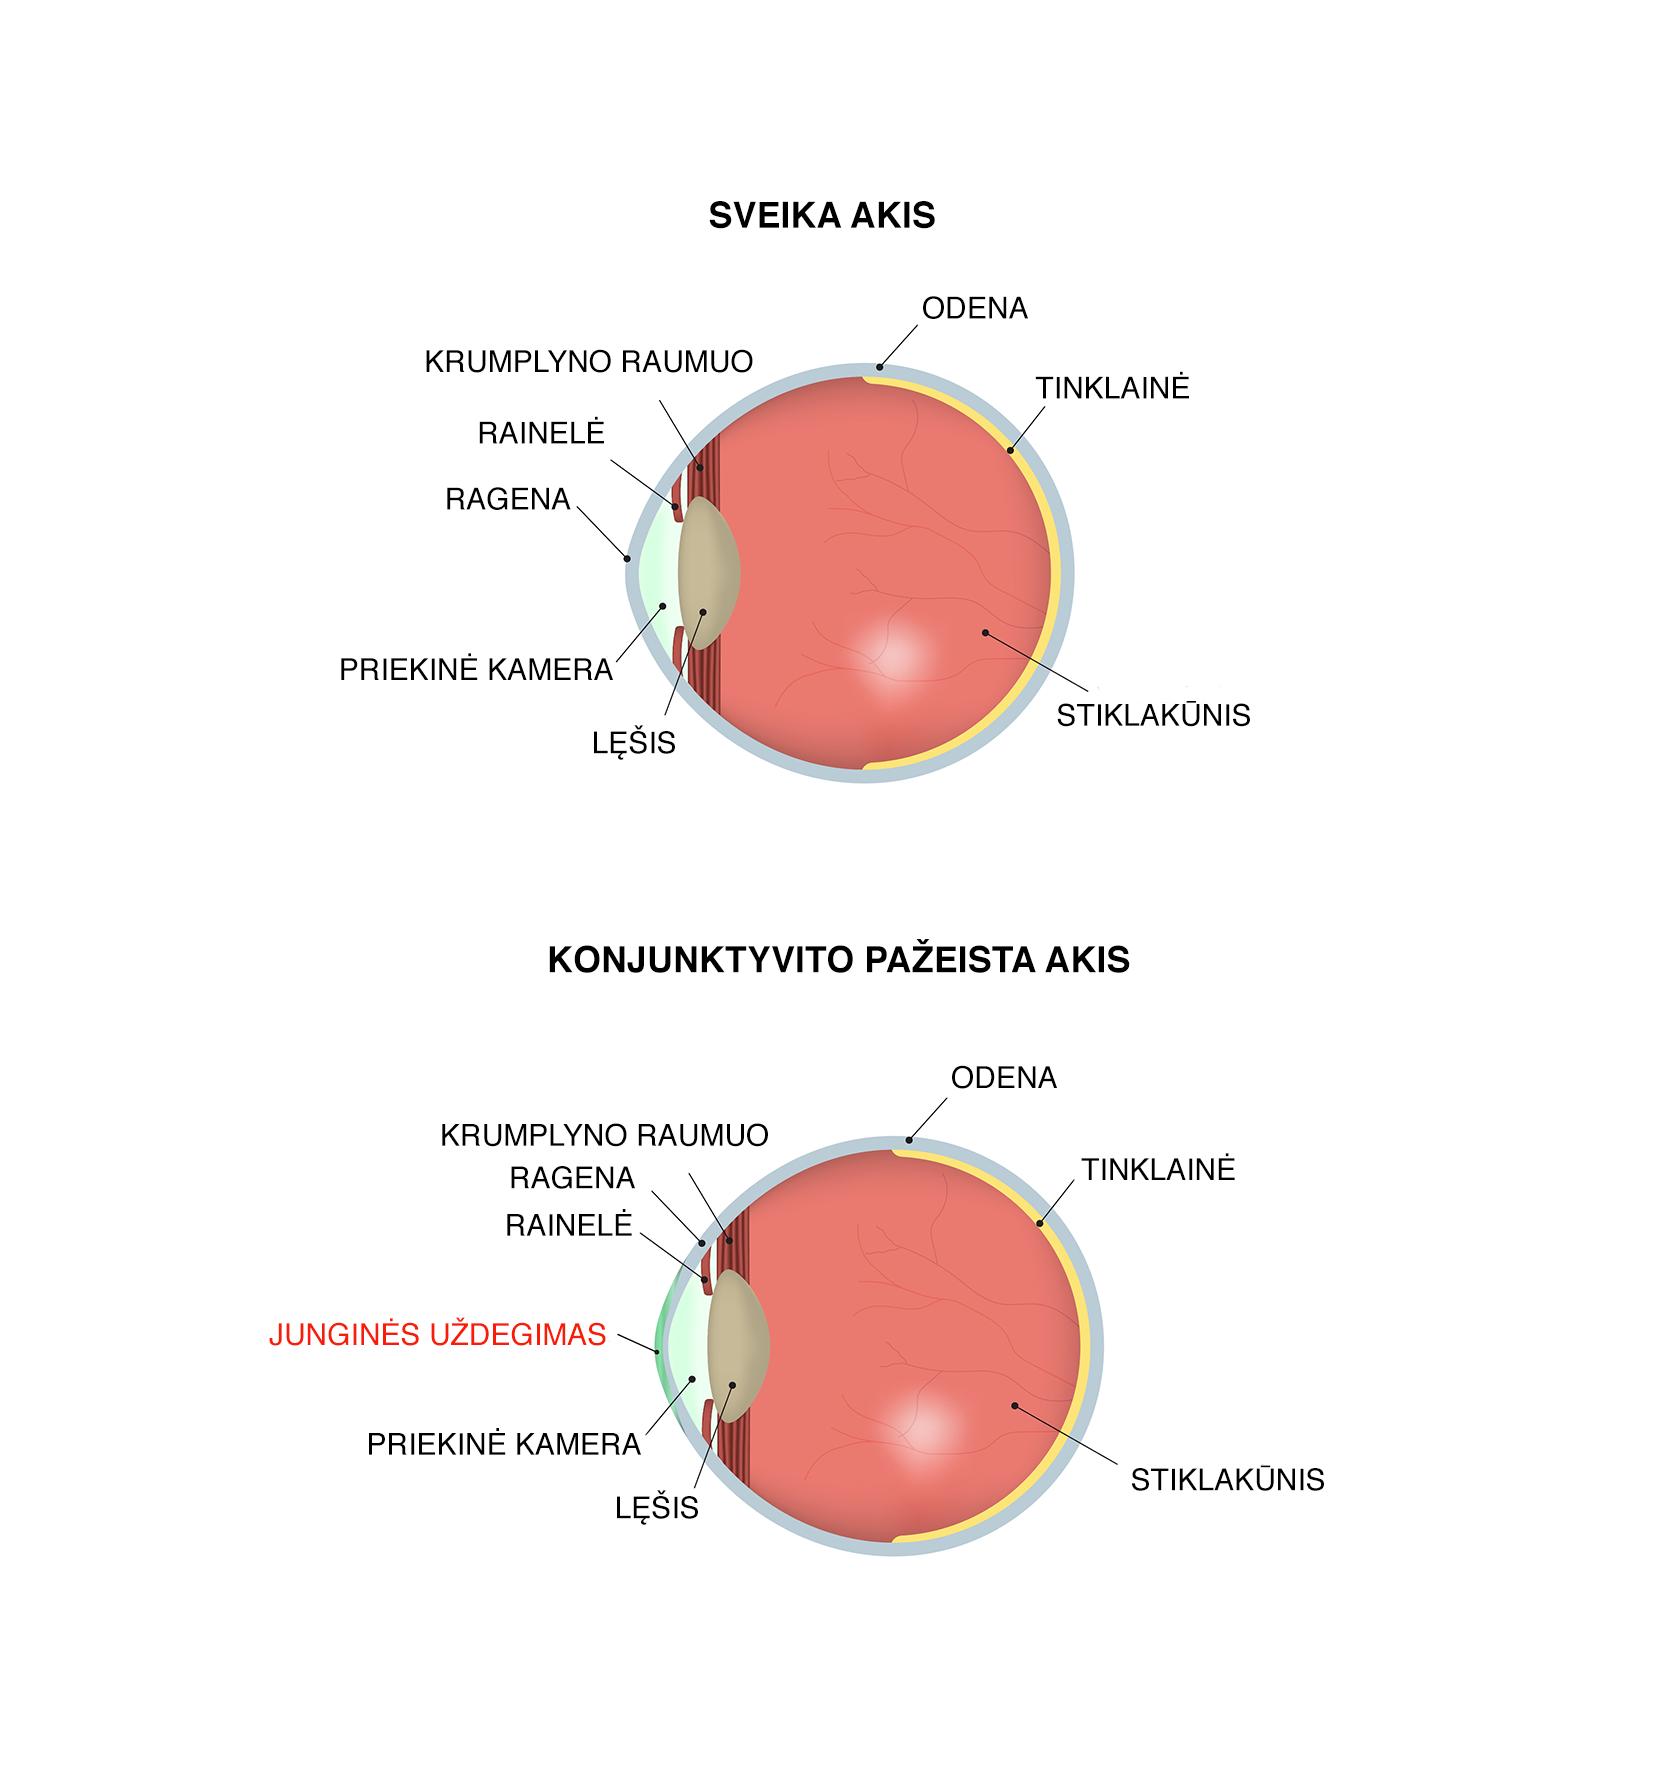 Konjunktyvitas - sveika ir konjunktyvito uždegimo pažeista akis